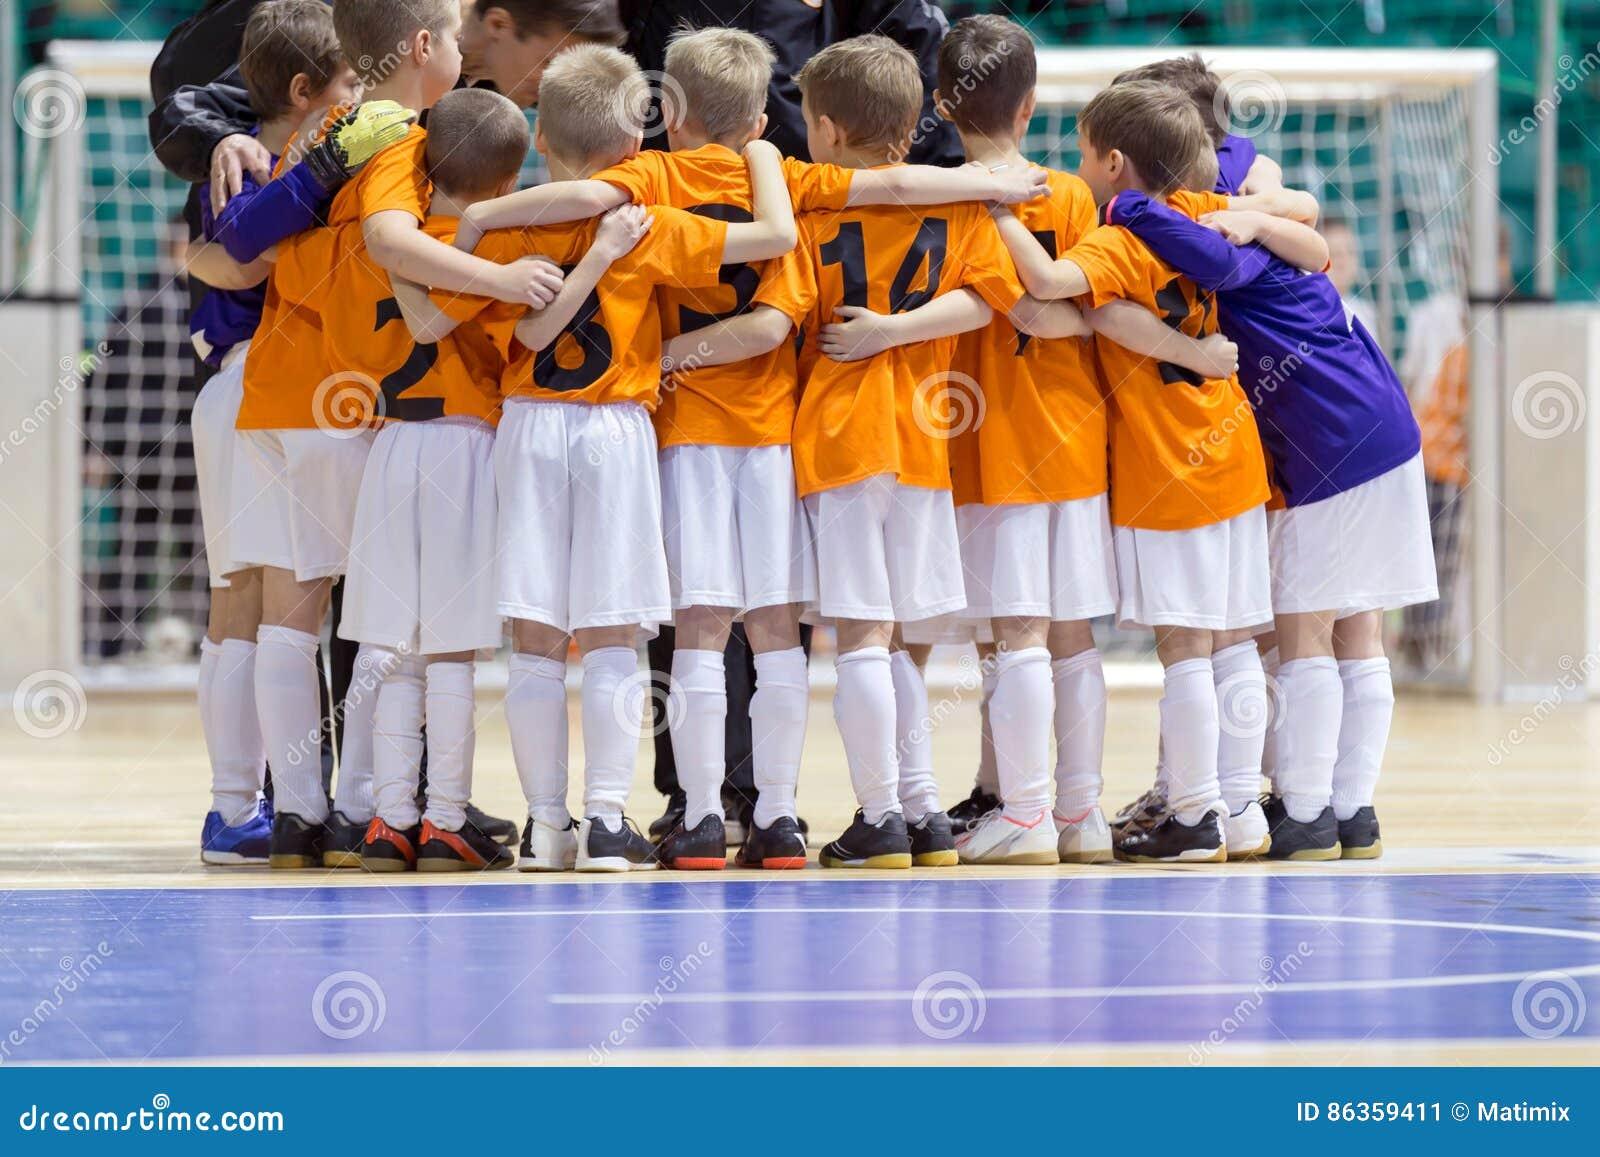 孩子的室内橄榄球足球比赛 如此给年轻人的教练